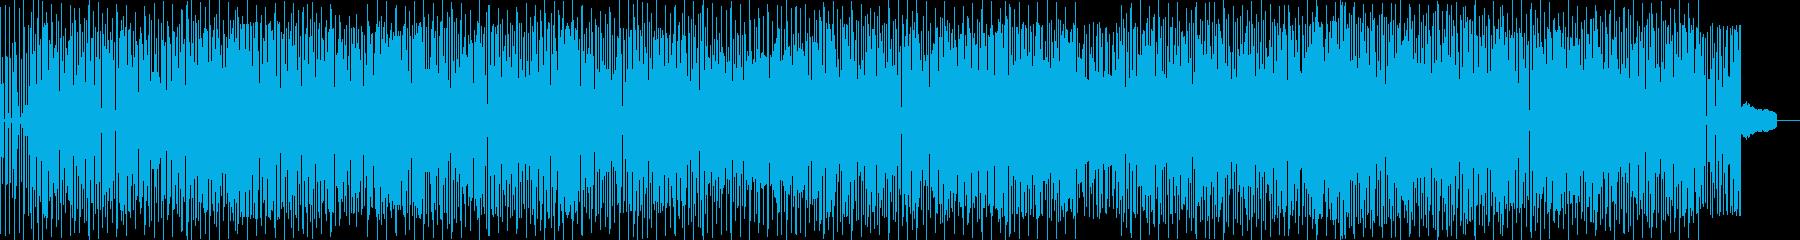 ベースとドラムによるファンクミュージックの再生済みの波形